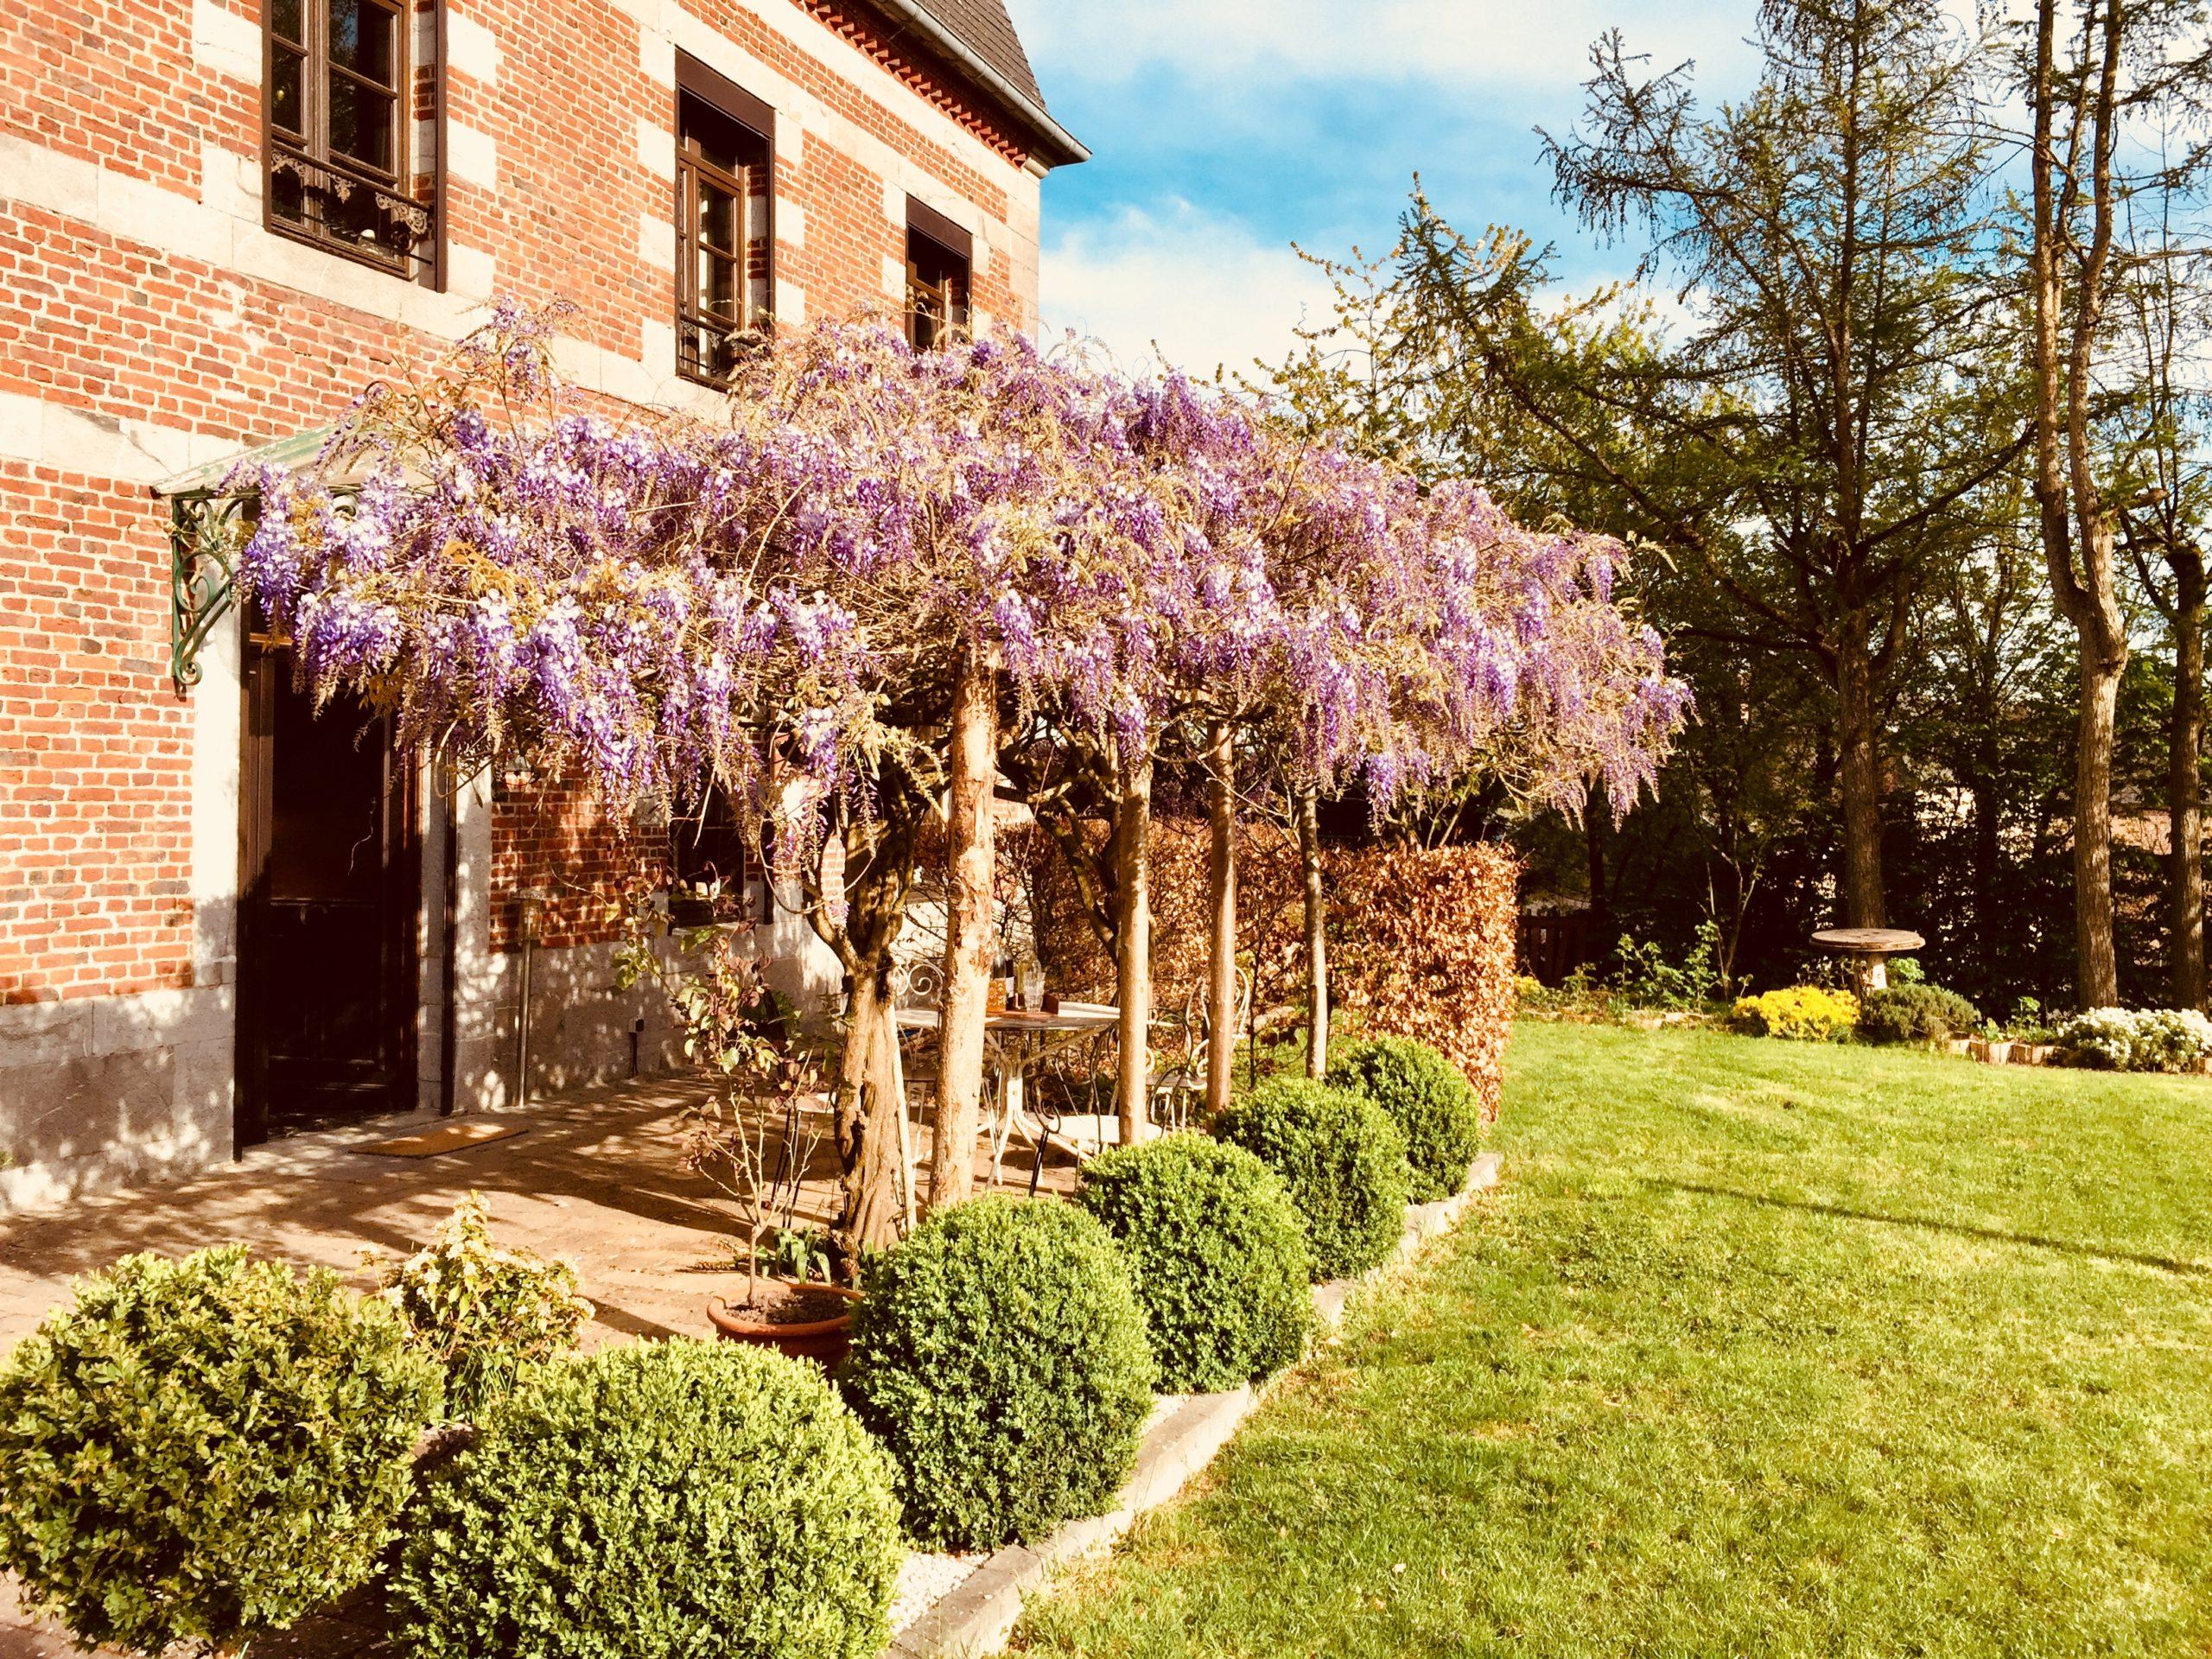 6 bonnes raisons de séjourner dans la maison d'hôtes Aubépine !